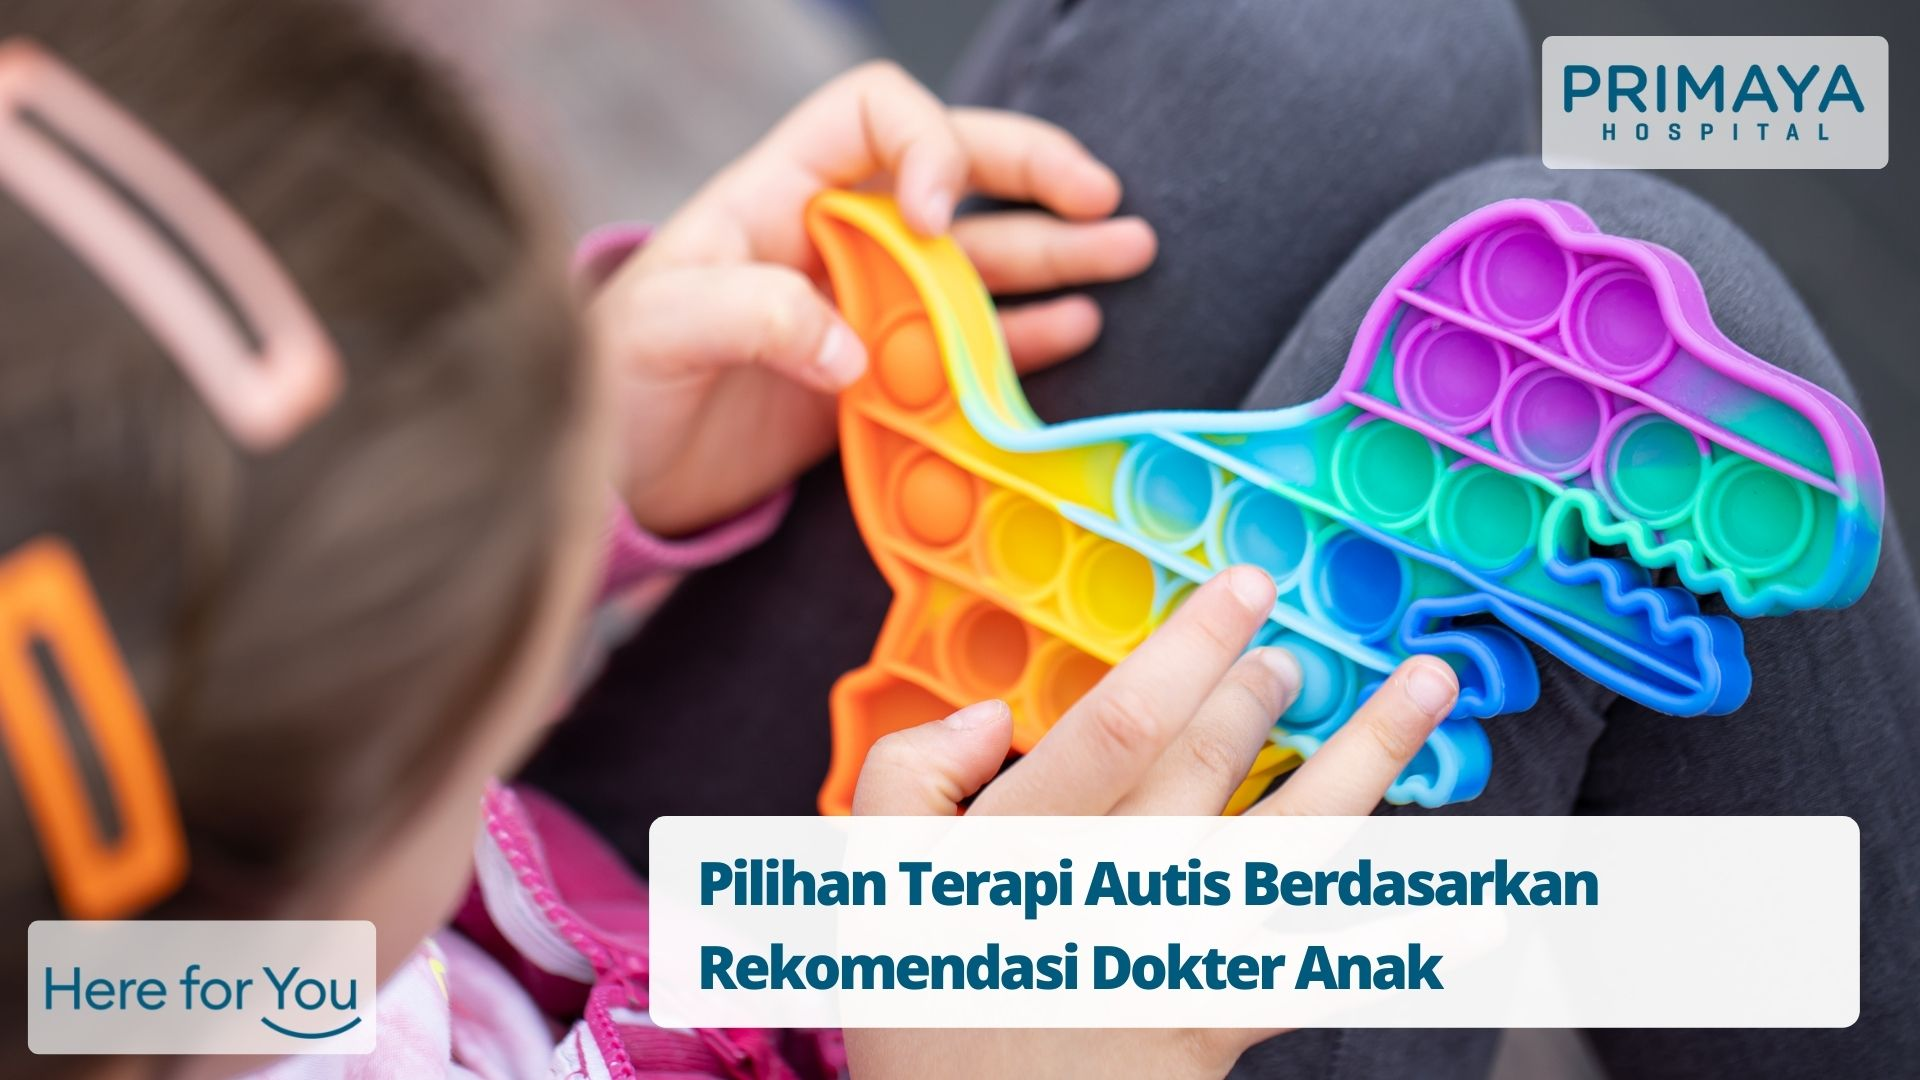 Pilihan Terapi Autis Berdasarkan Rekomendasi Dokter Anak